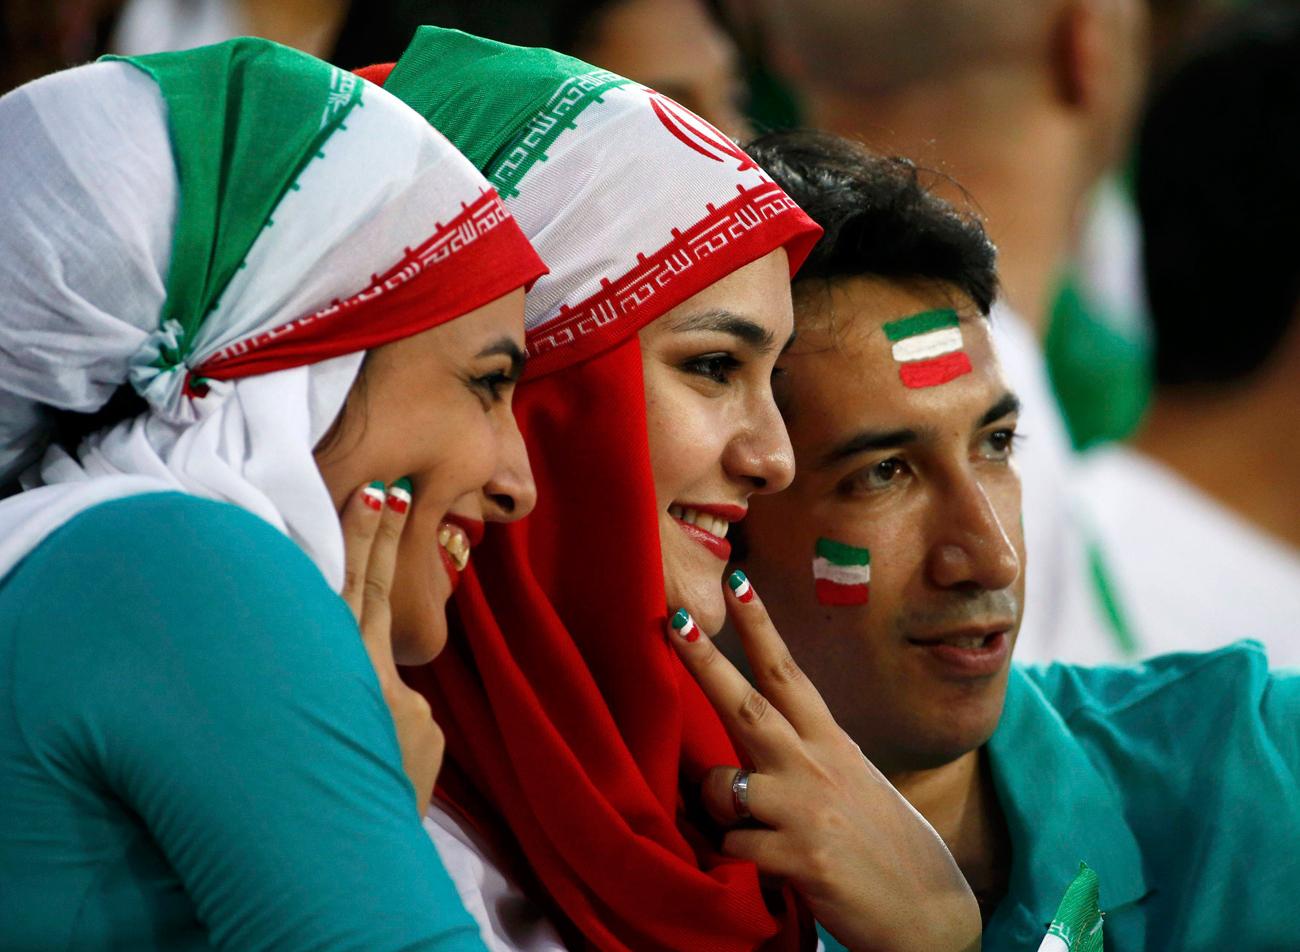 """אוהדות נבחרת איראן בכדורגל. """"להיות חופשיות, לטייל בעולם"""" (צילום: רויטרס) (צילום: רויטרס)"""